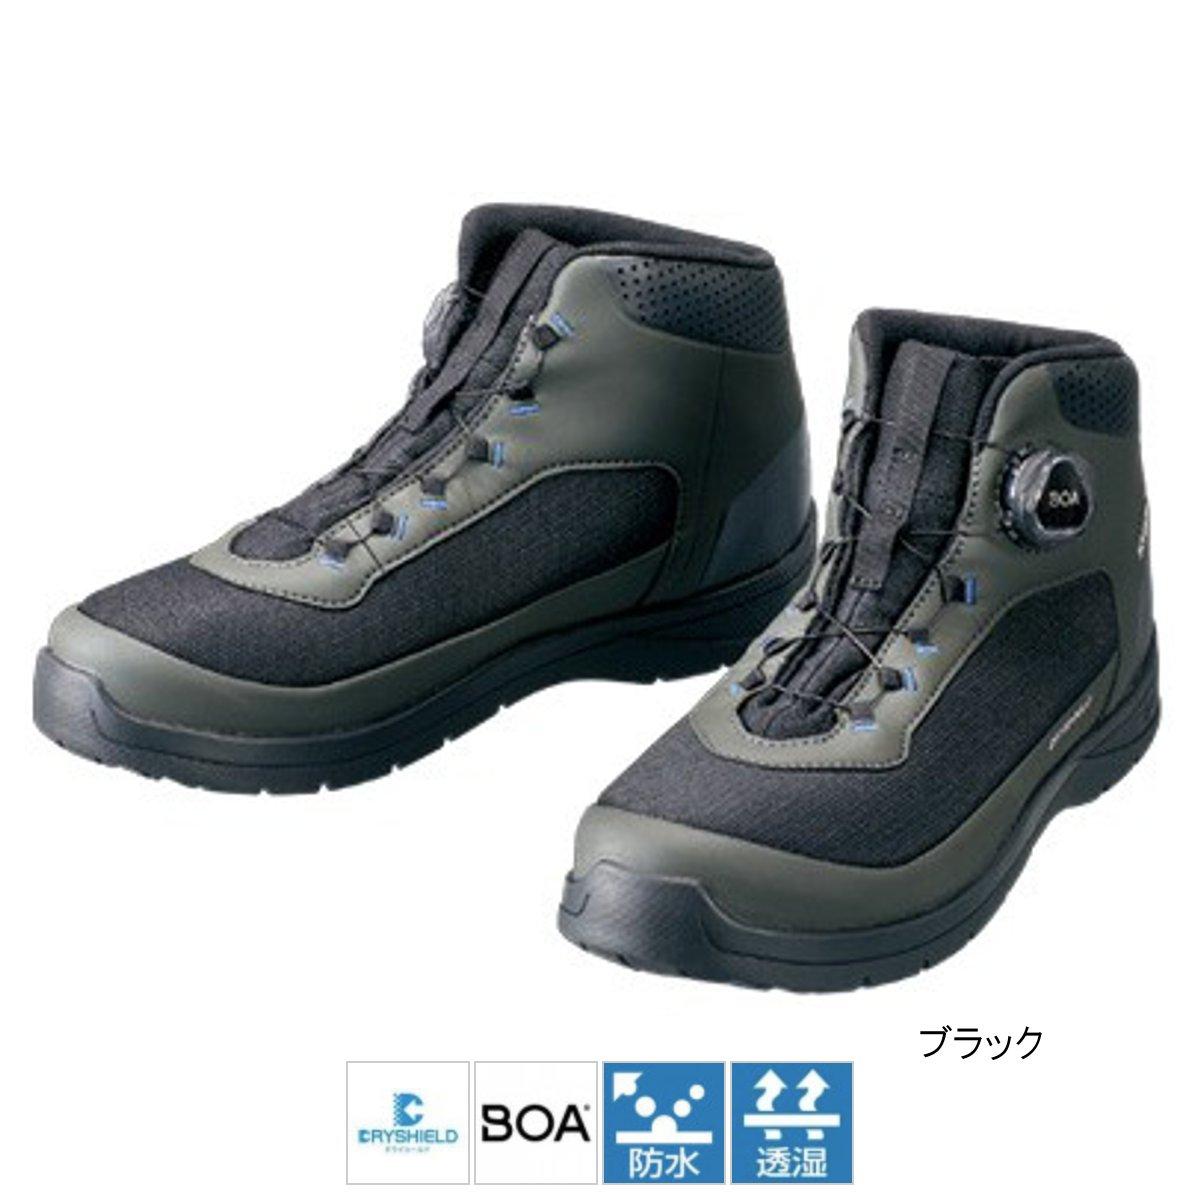 シマノ ドライシールド・デッキラジアルフィットシューズ HW FS-082R 25.0cm ブラック(東日本店)